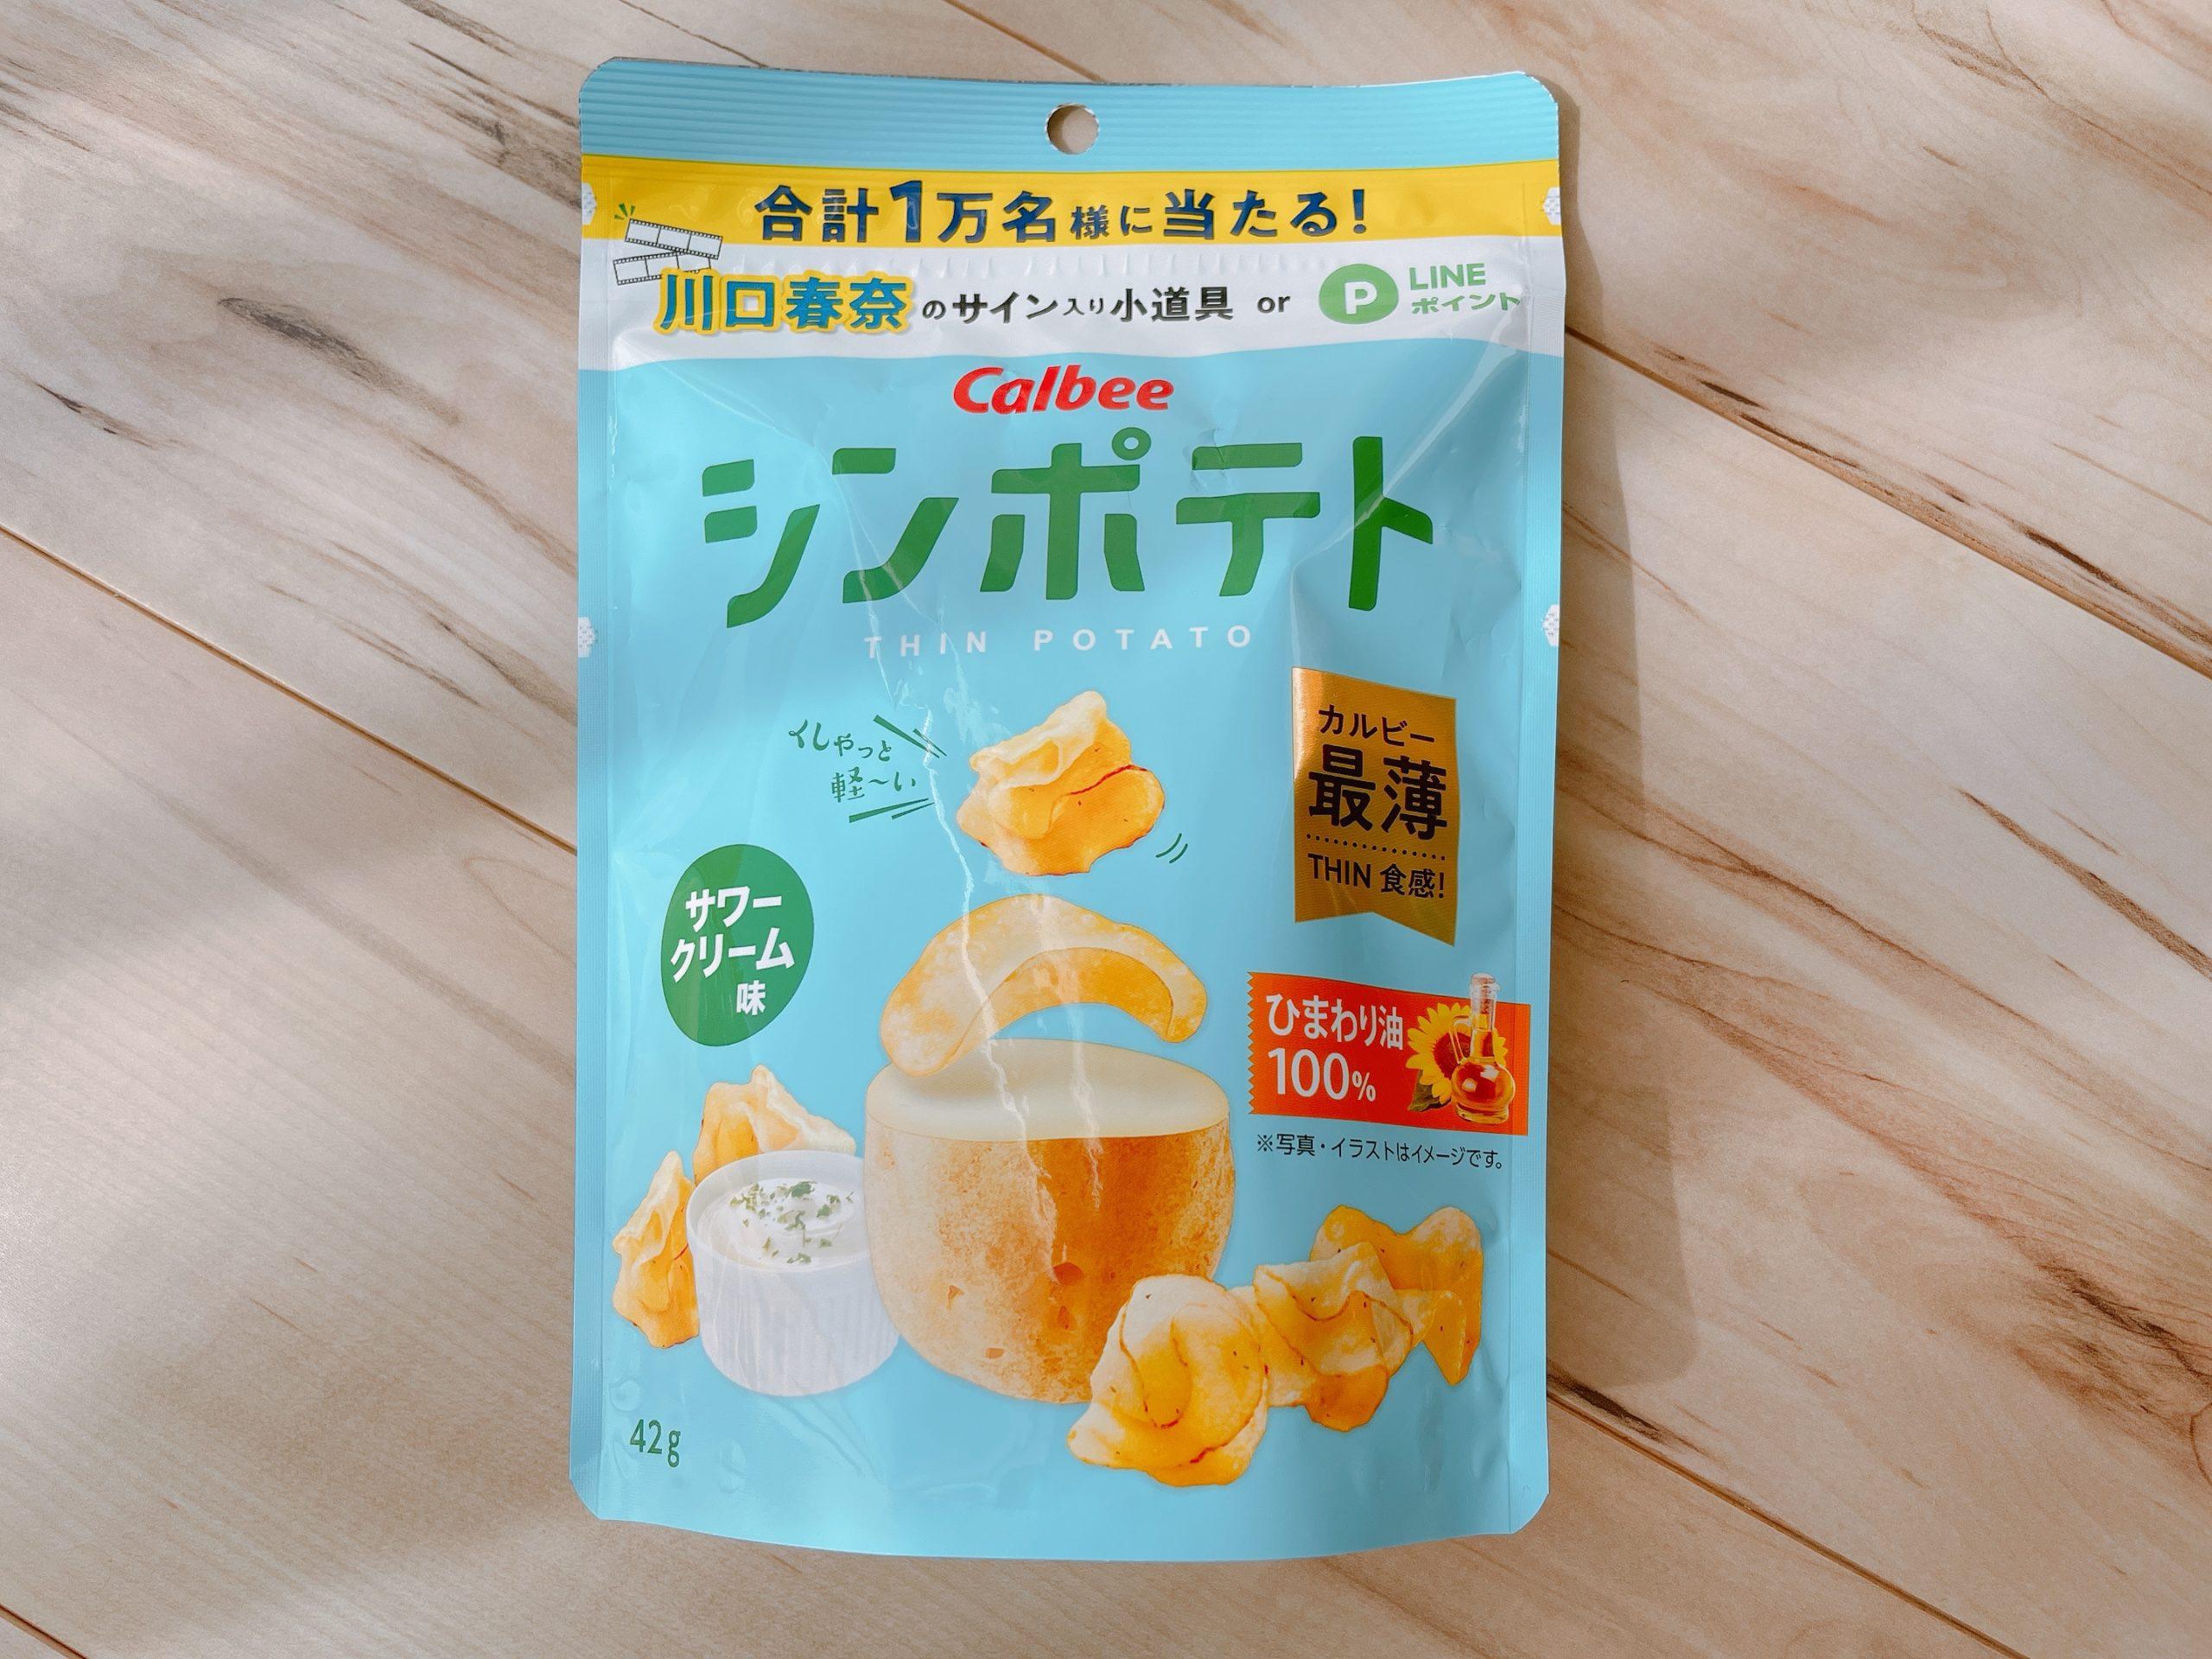 シンポテトのサワークリーム味パッケージ